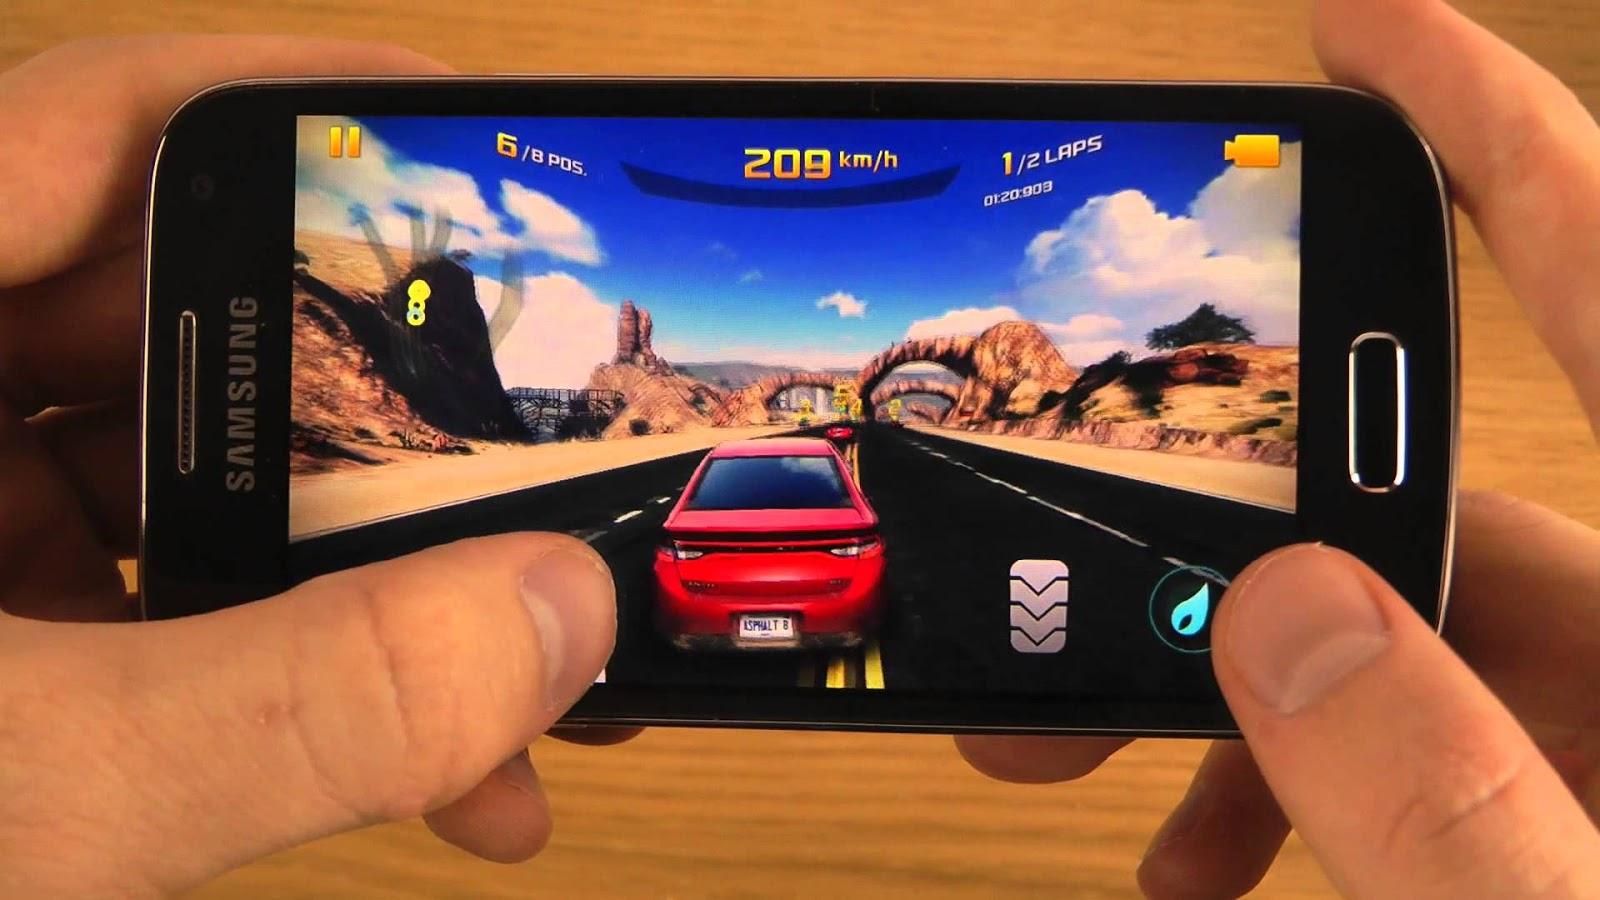 Cara Main Game di Android agar Lancar dan Smartphone Tidak Lemot